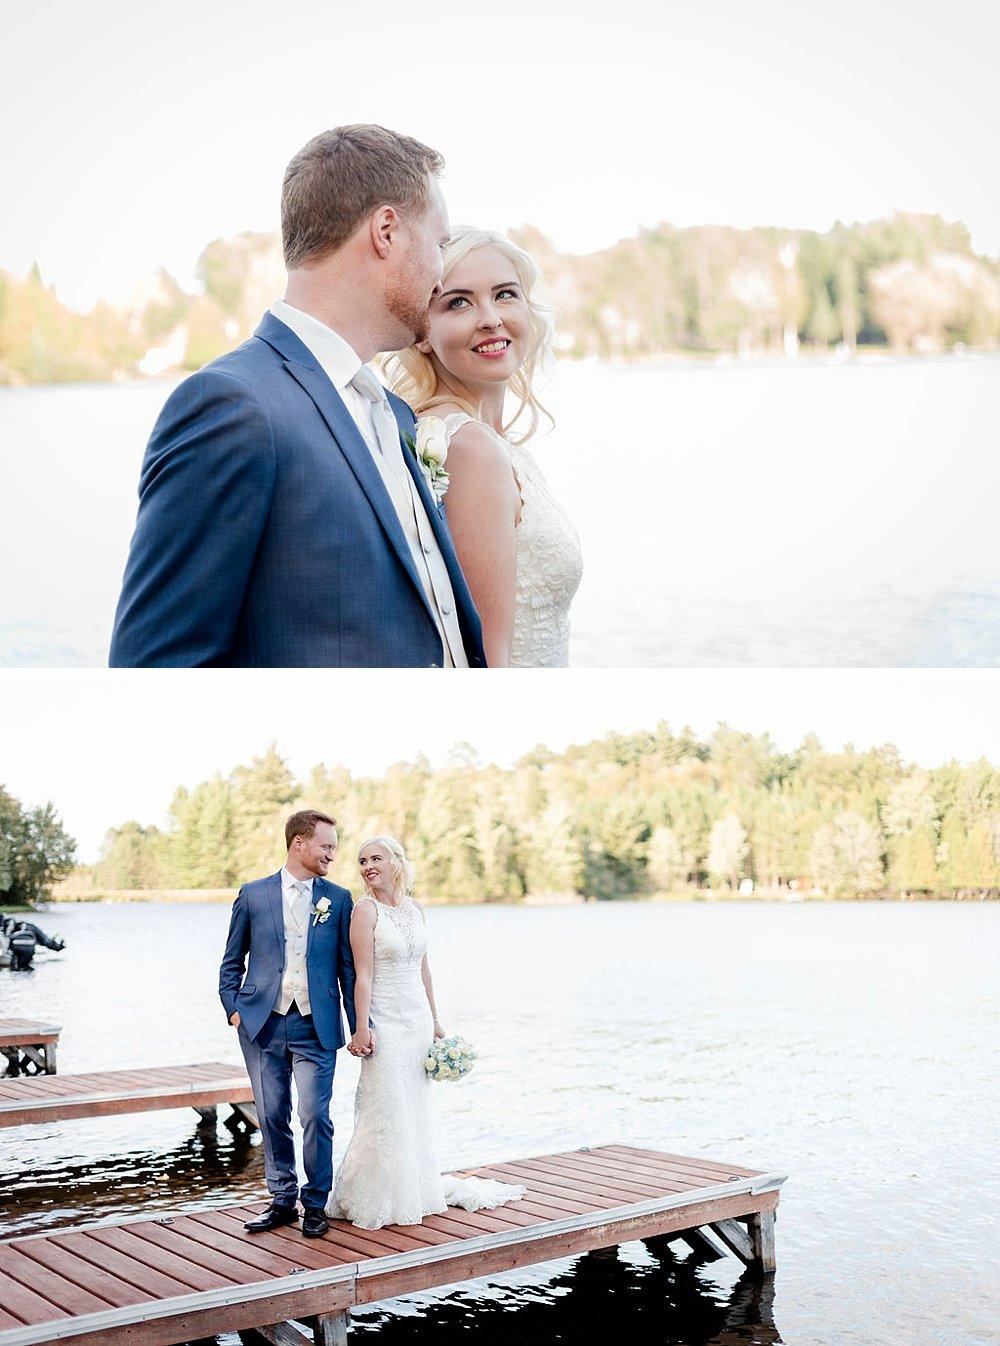 Eagle_River_WI_Fall_wedding_0055.jpg